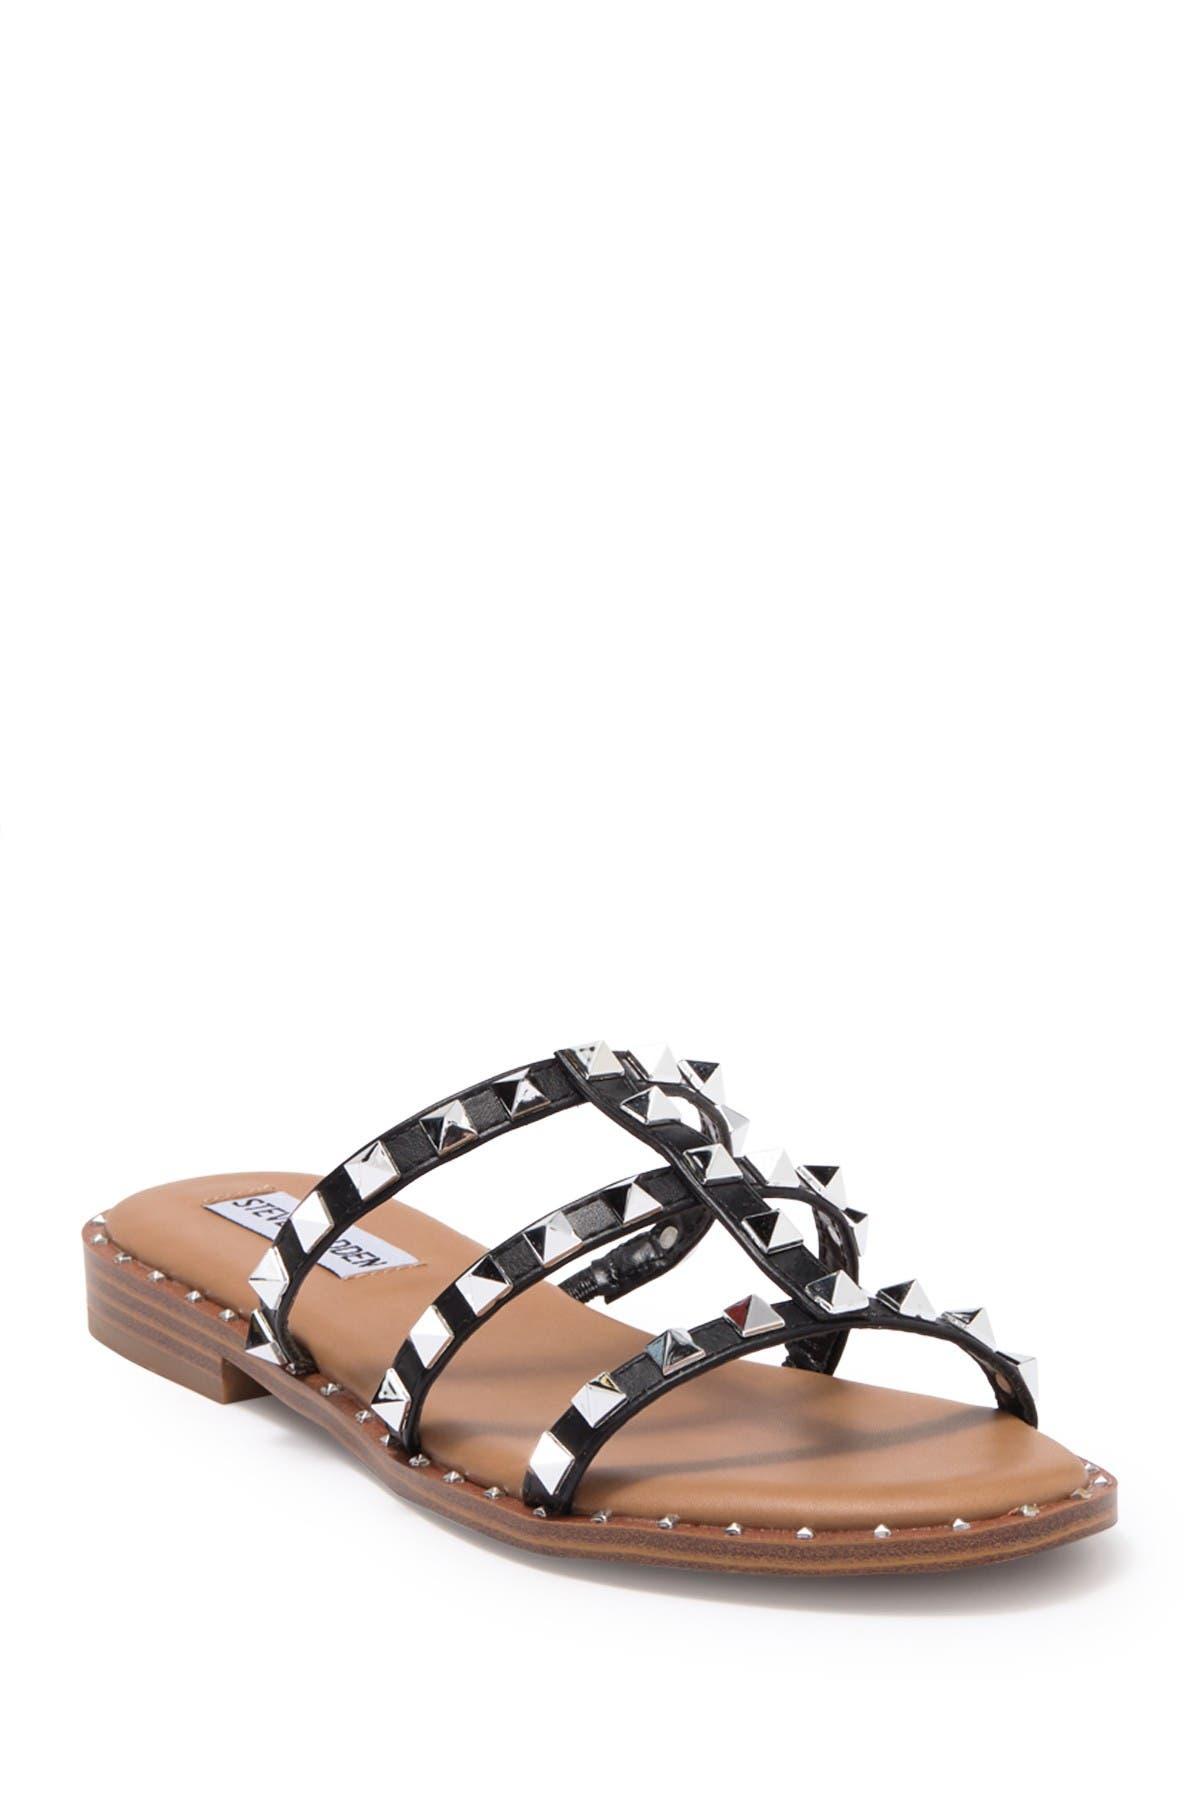 Image of Steve Madden Averill Studded Sandal